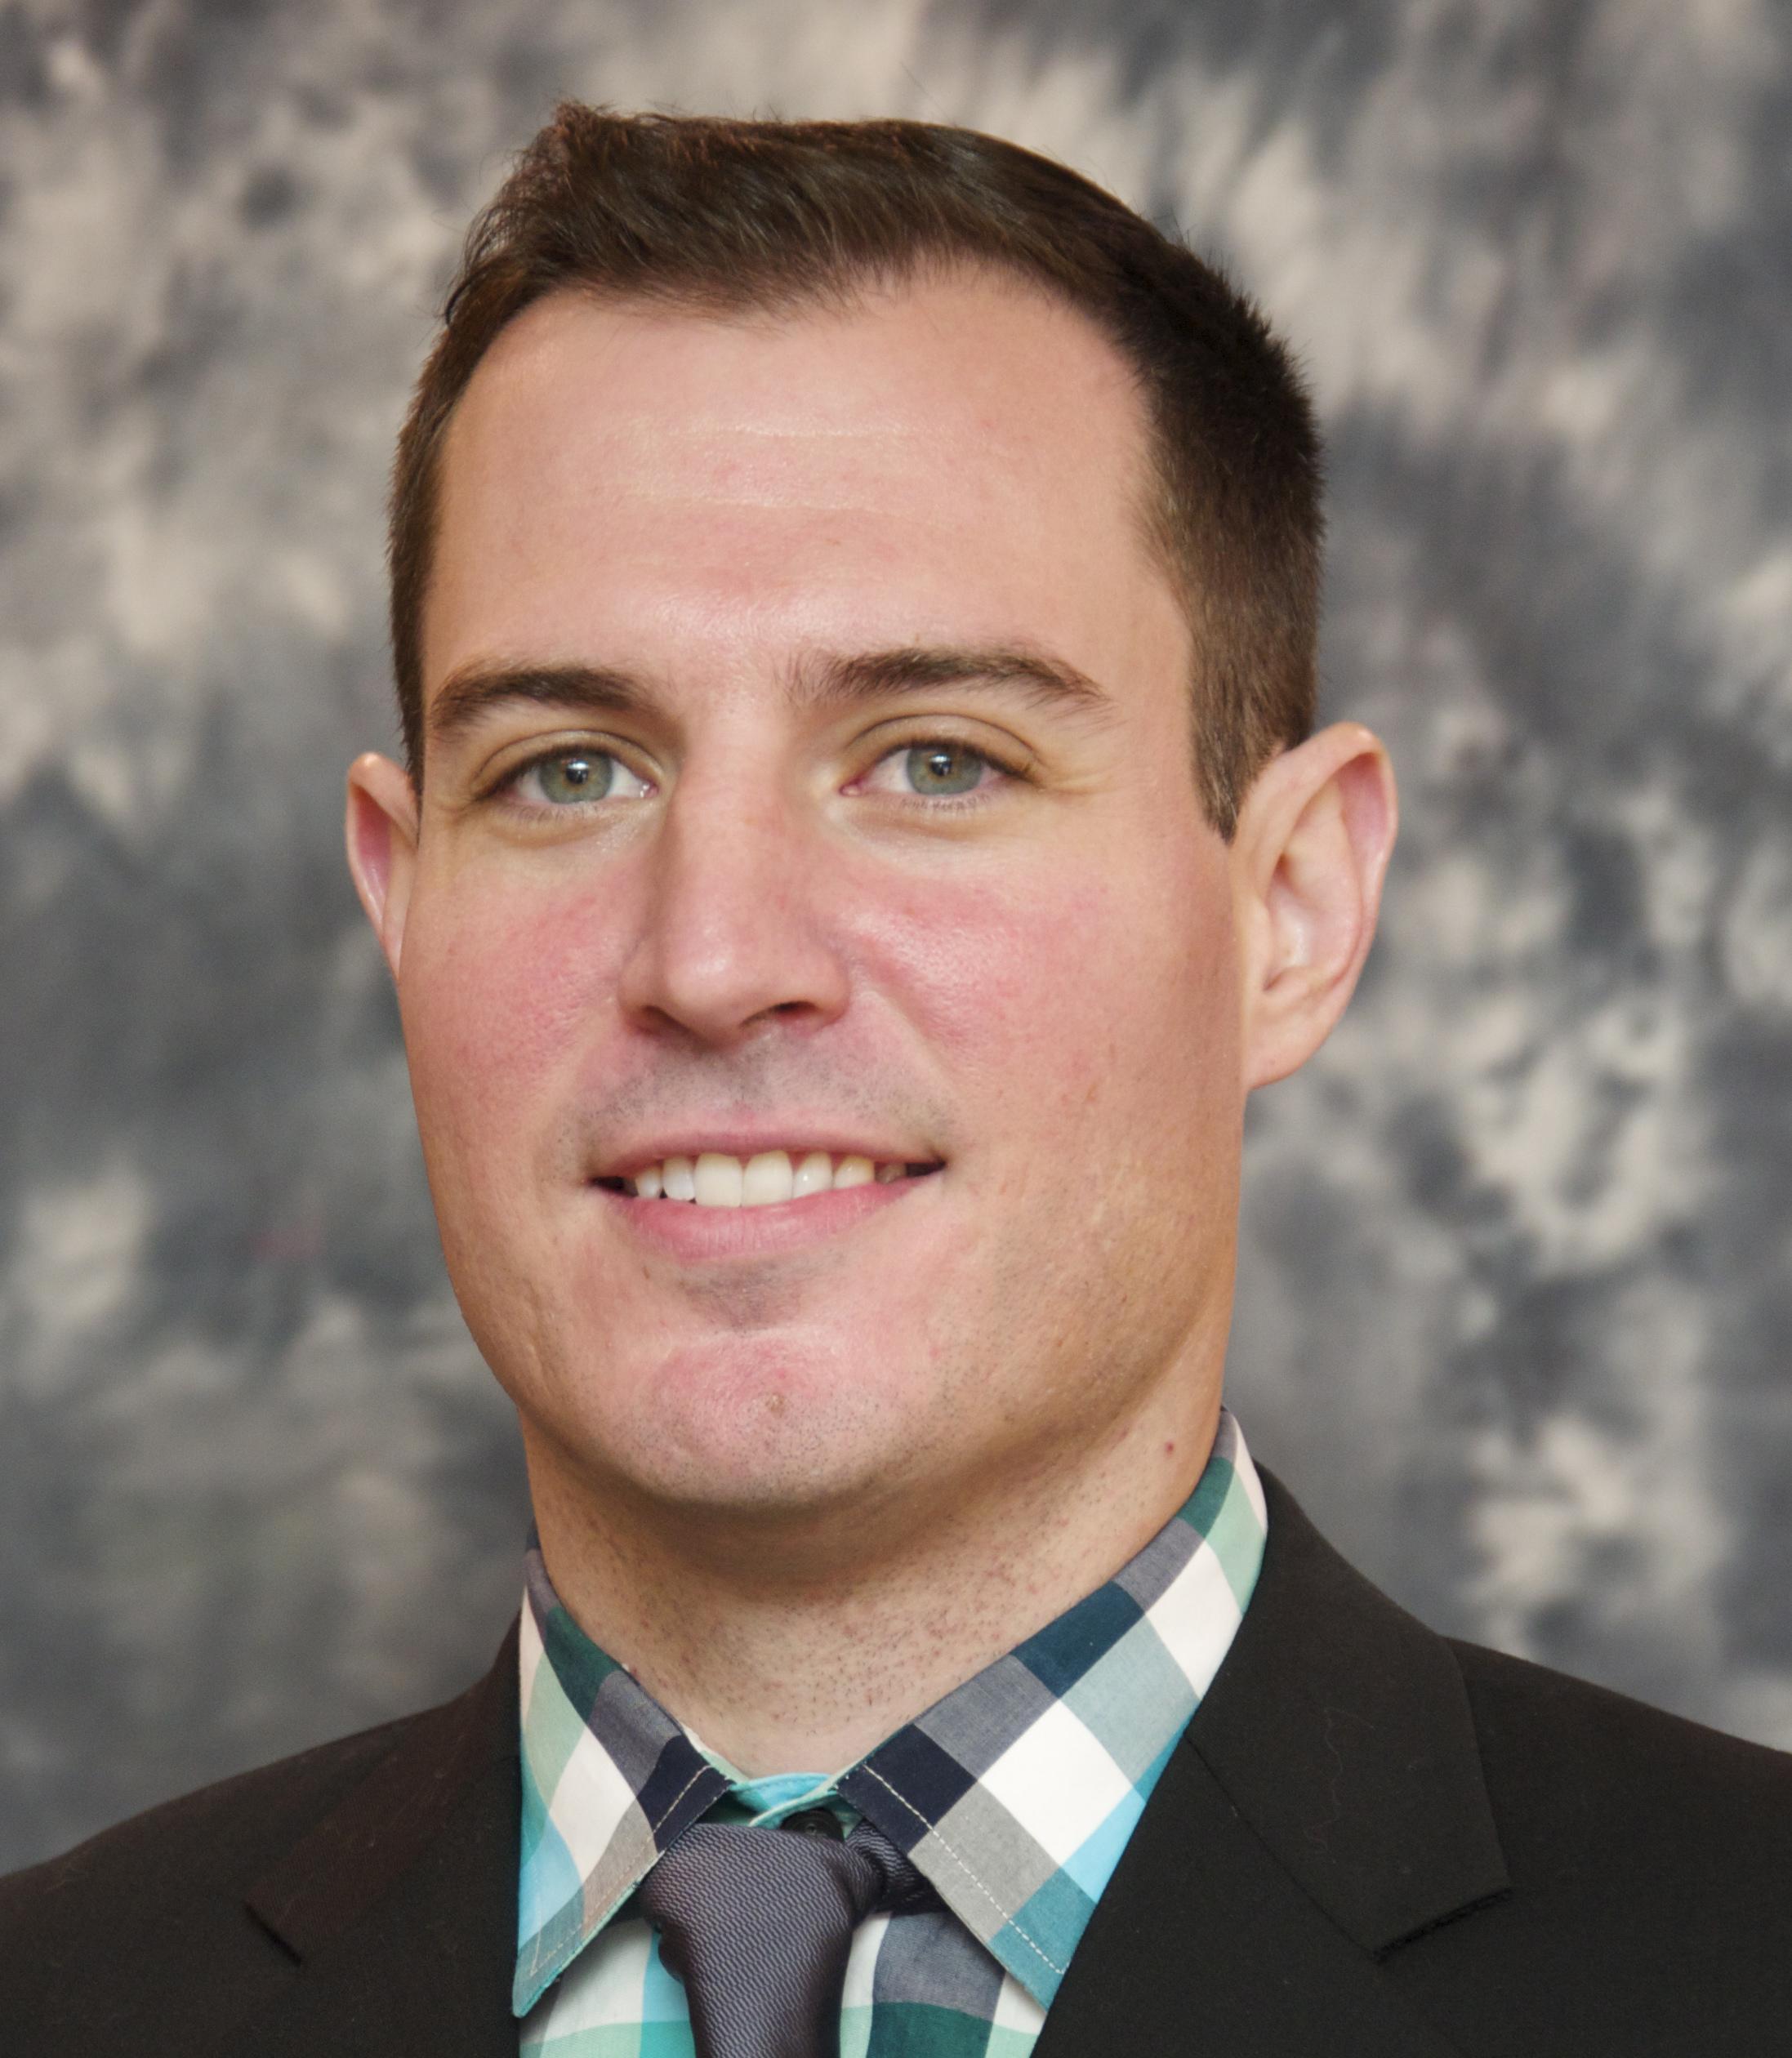 Justin Haselton